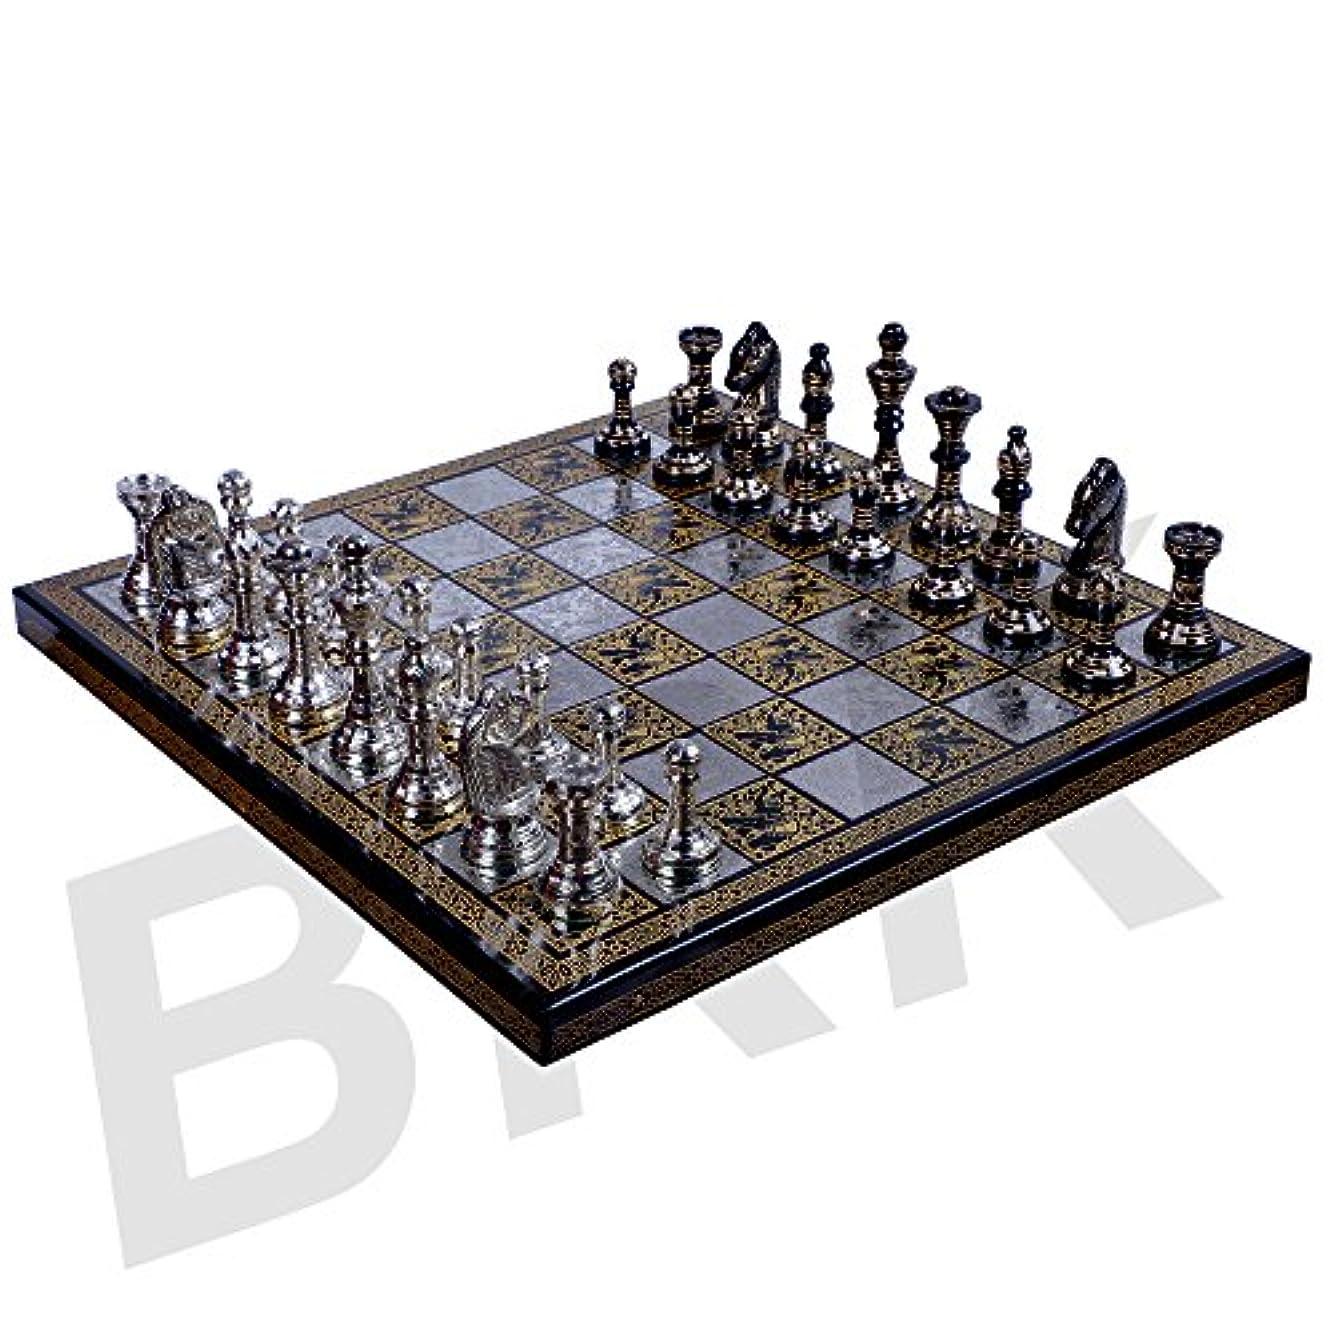 オーストラリア人望ましいリファインアンティークチェスボードセット真鍮Collectibleゲームボードハンドメイド大きなピース10 x 10インチ